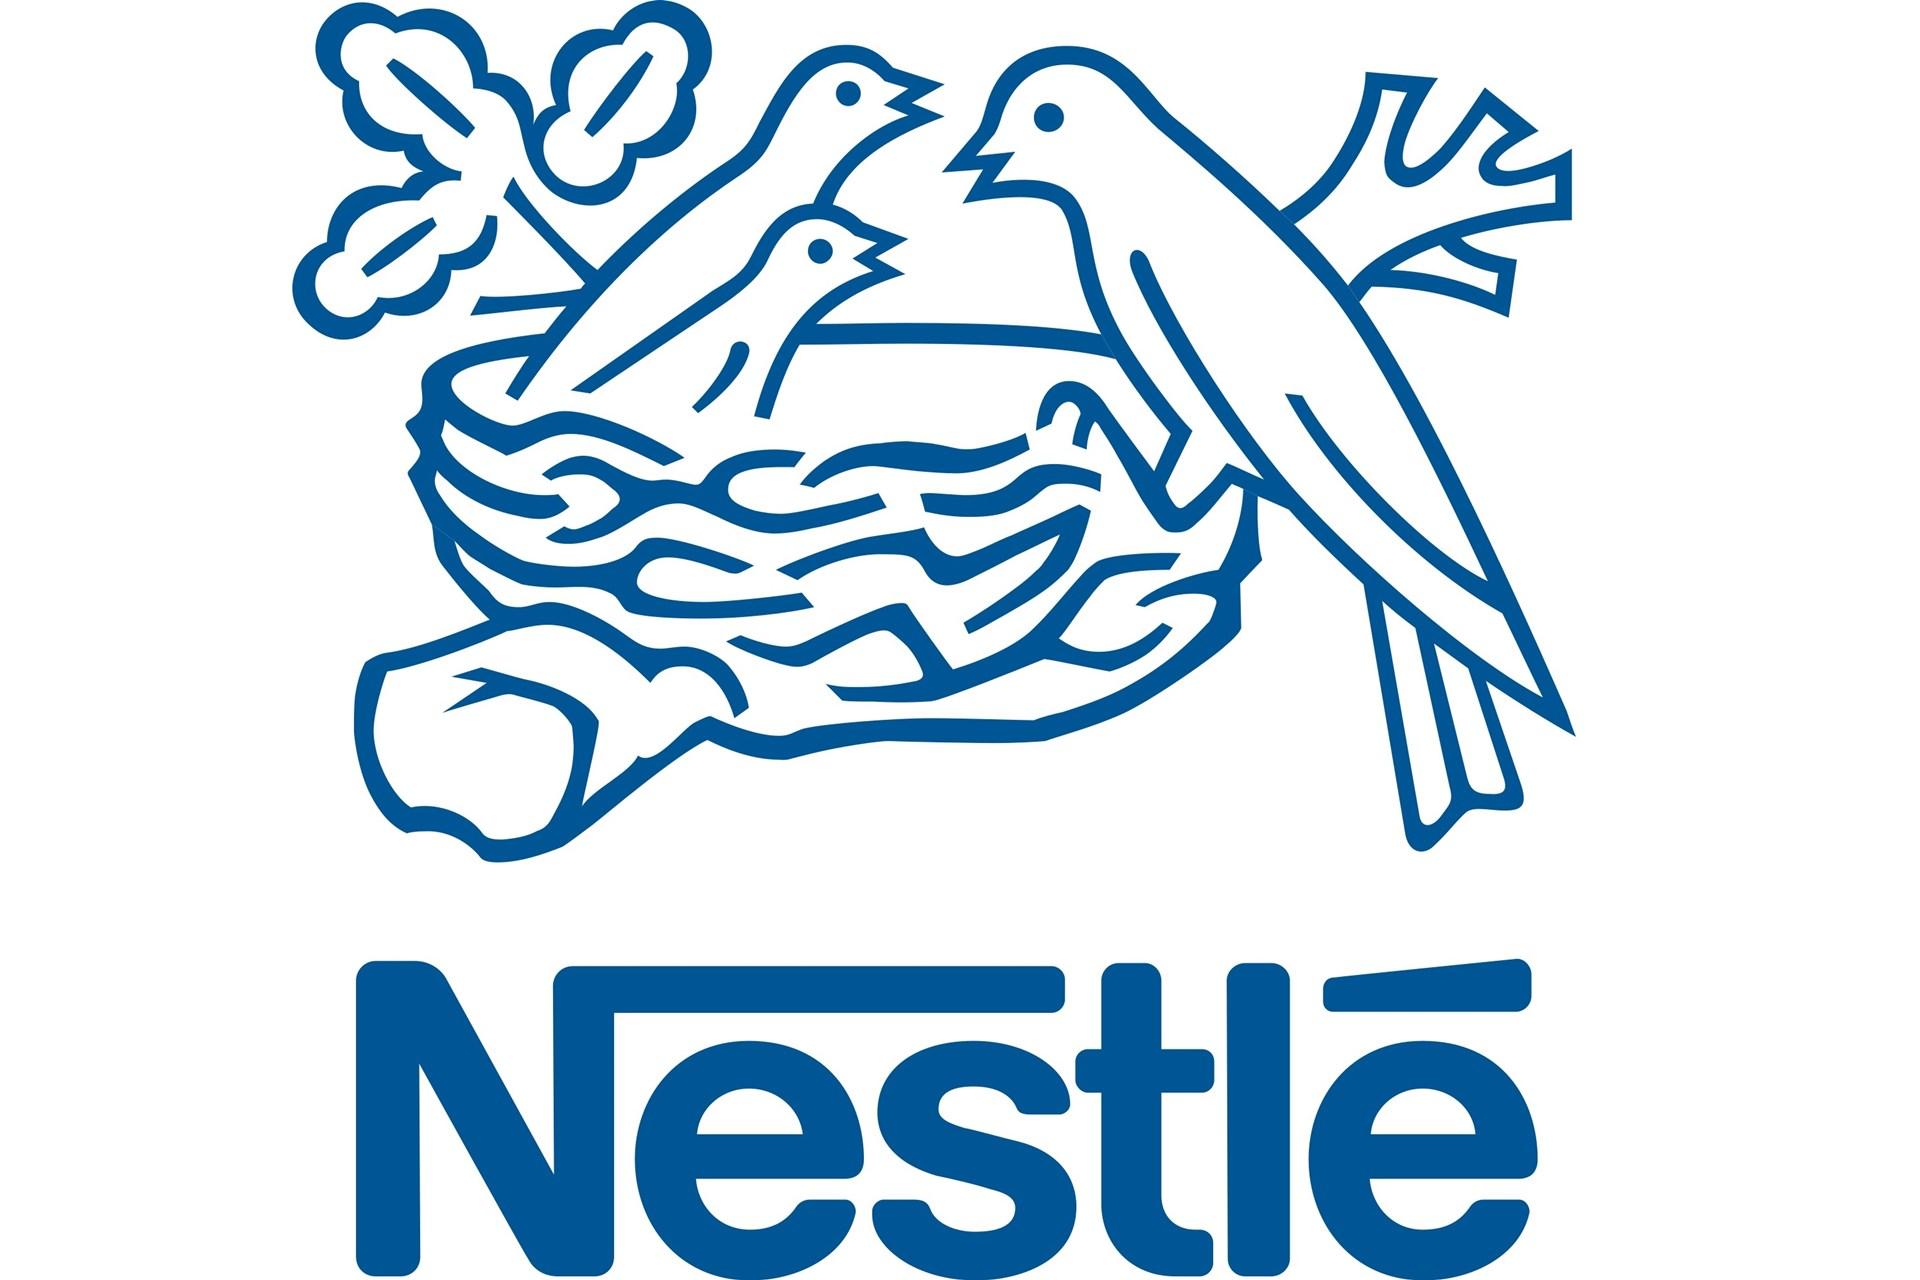 Nestle Wallpaper 9   1920 X 1280 stmednet 1920x1280